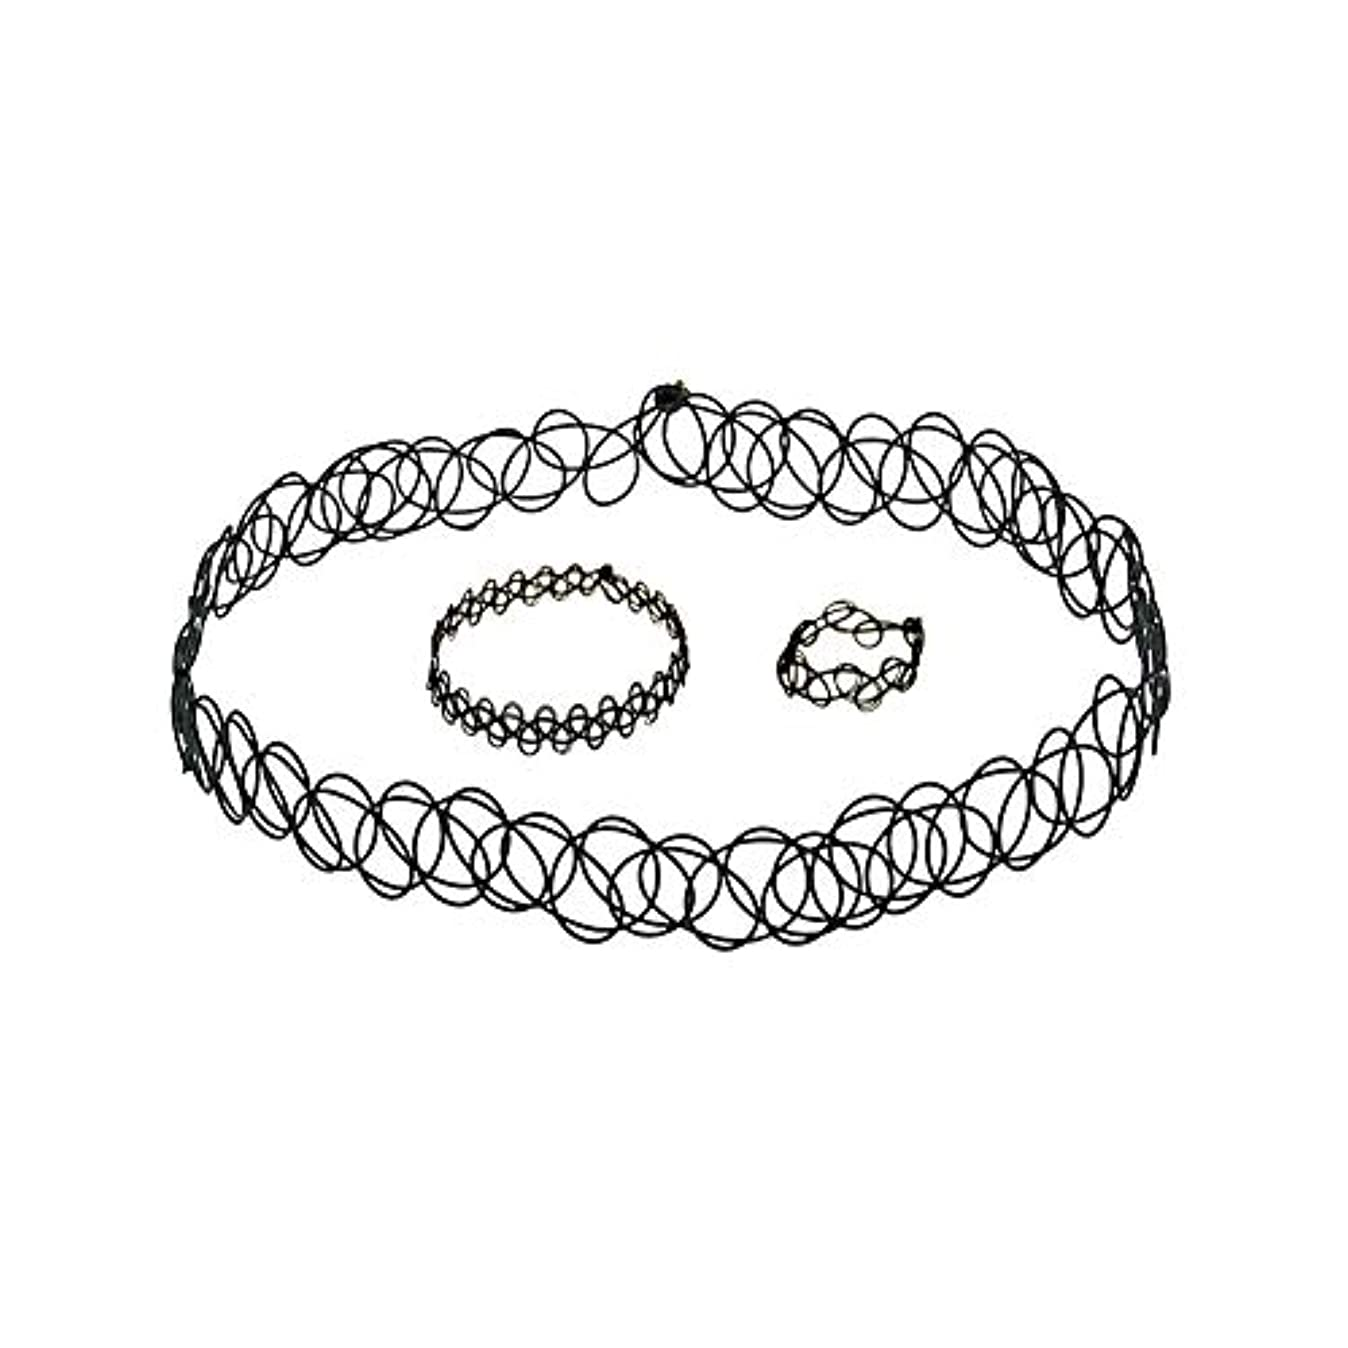 なくなるチップ予報3 PCSタトゥーチョーカーゴシックタトゥーヘナセット伸縮ネックレスブレスレットと指輪女性の女の子